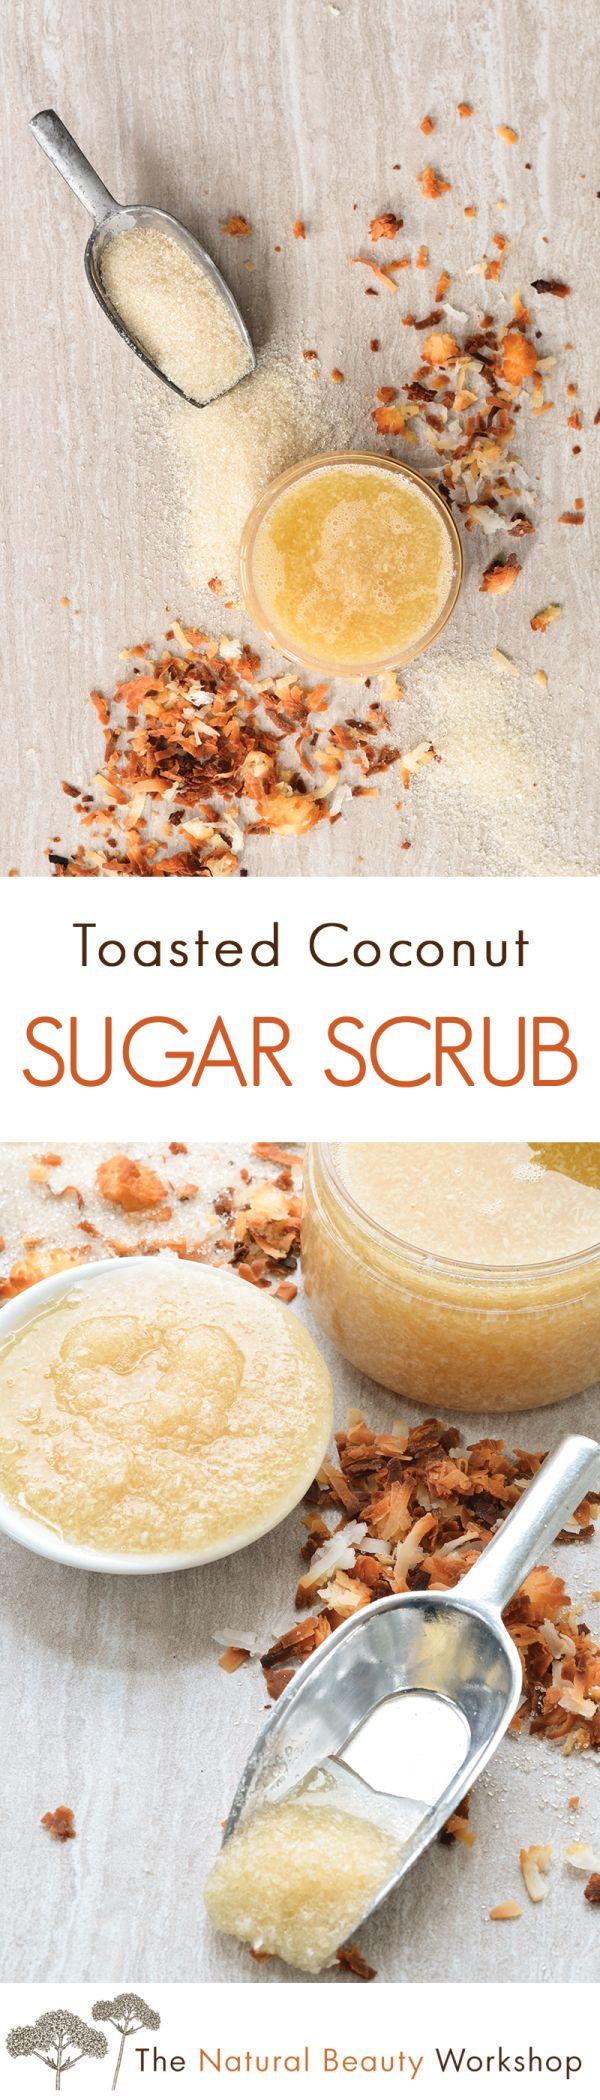 Toasted Coconut Sugar Scrub Toasted Coconut Sugar Scrub: An exfoliating body scrub made with real coconut.